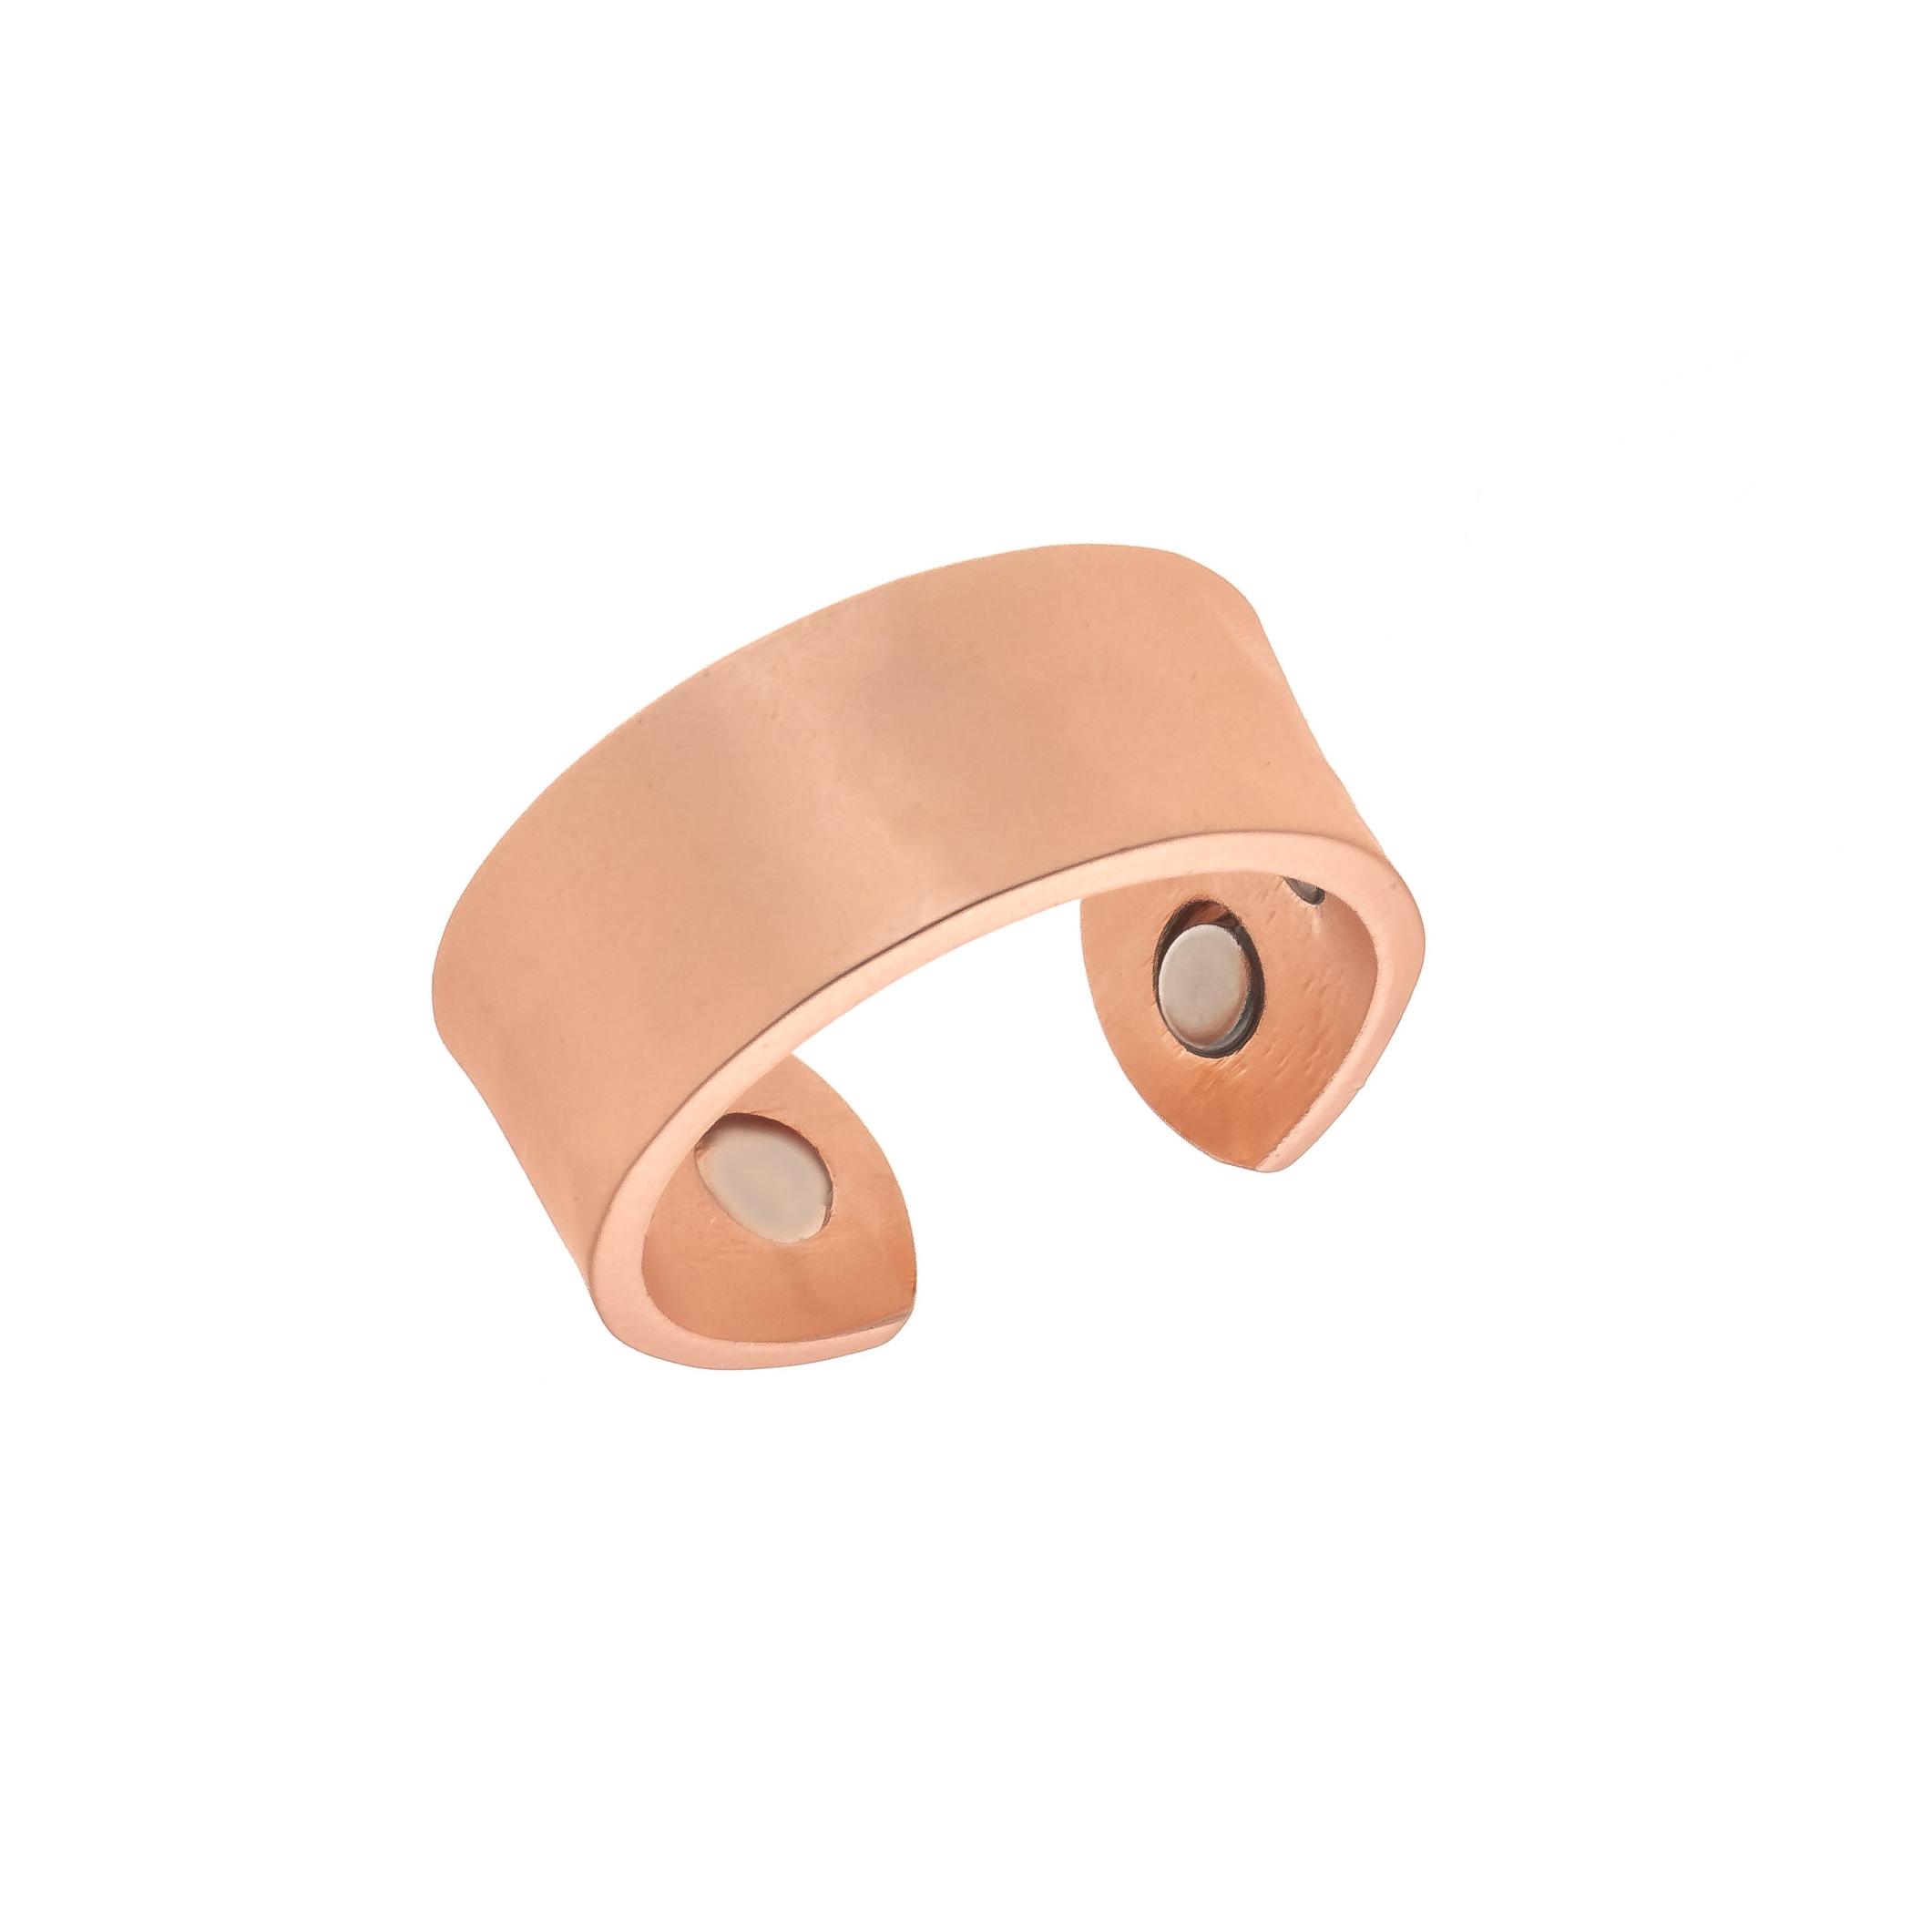 kobber-magnet-ring-1-stk-.jpg